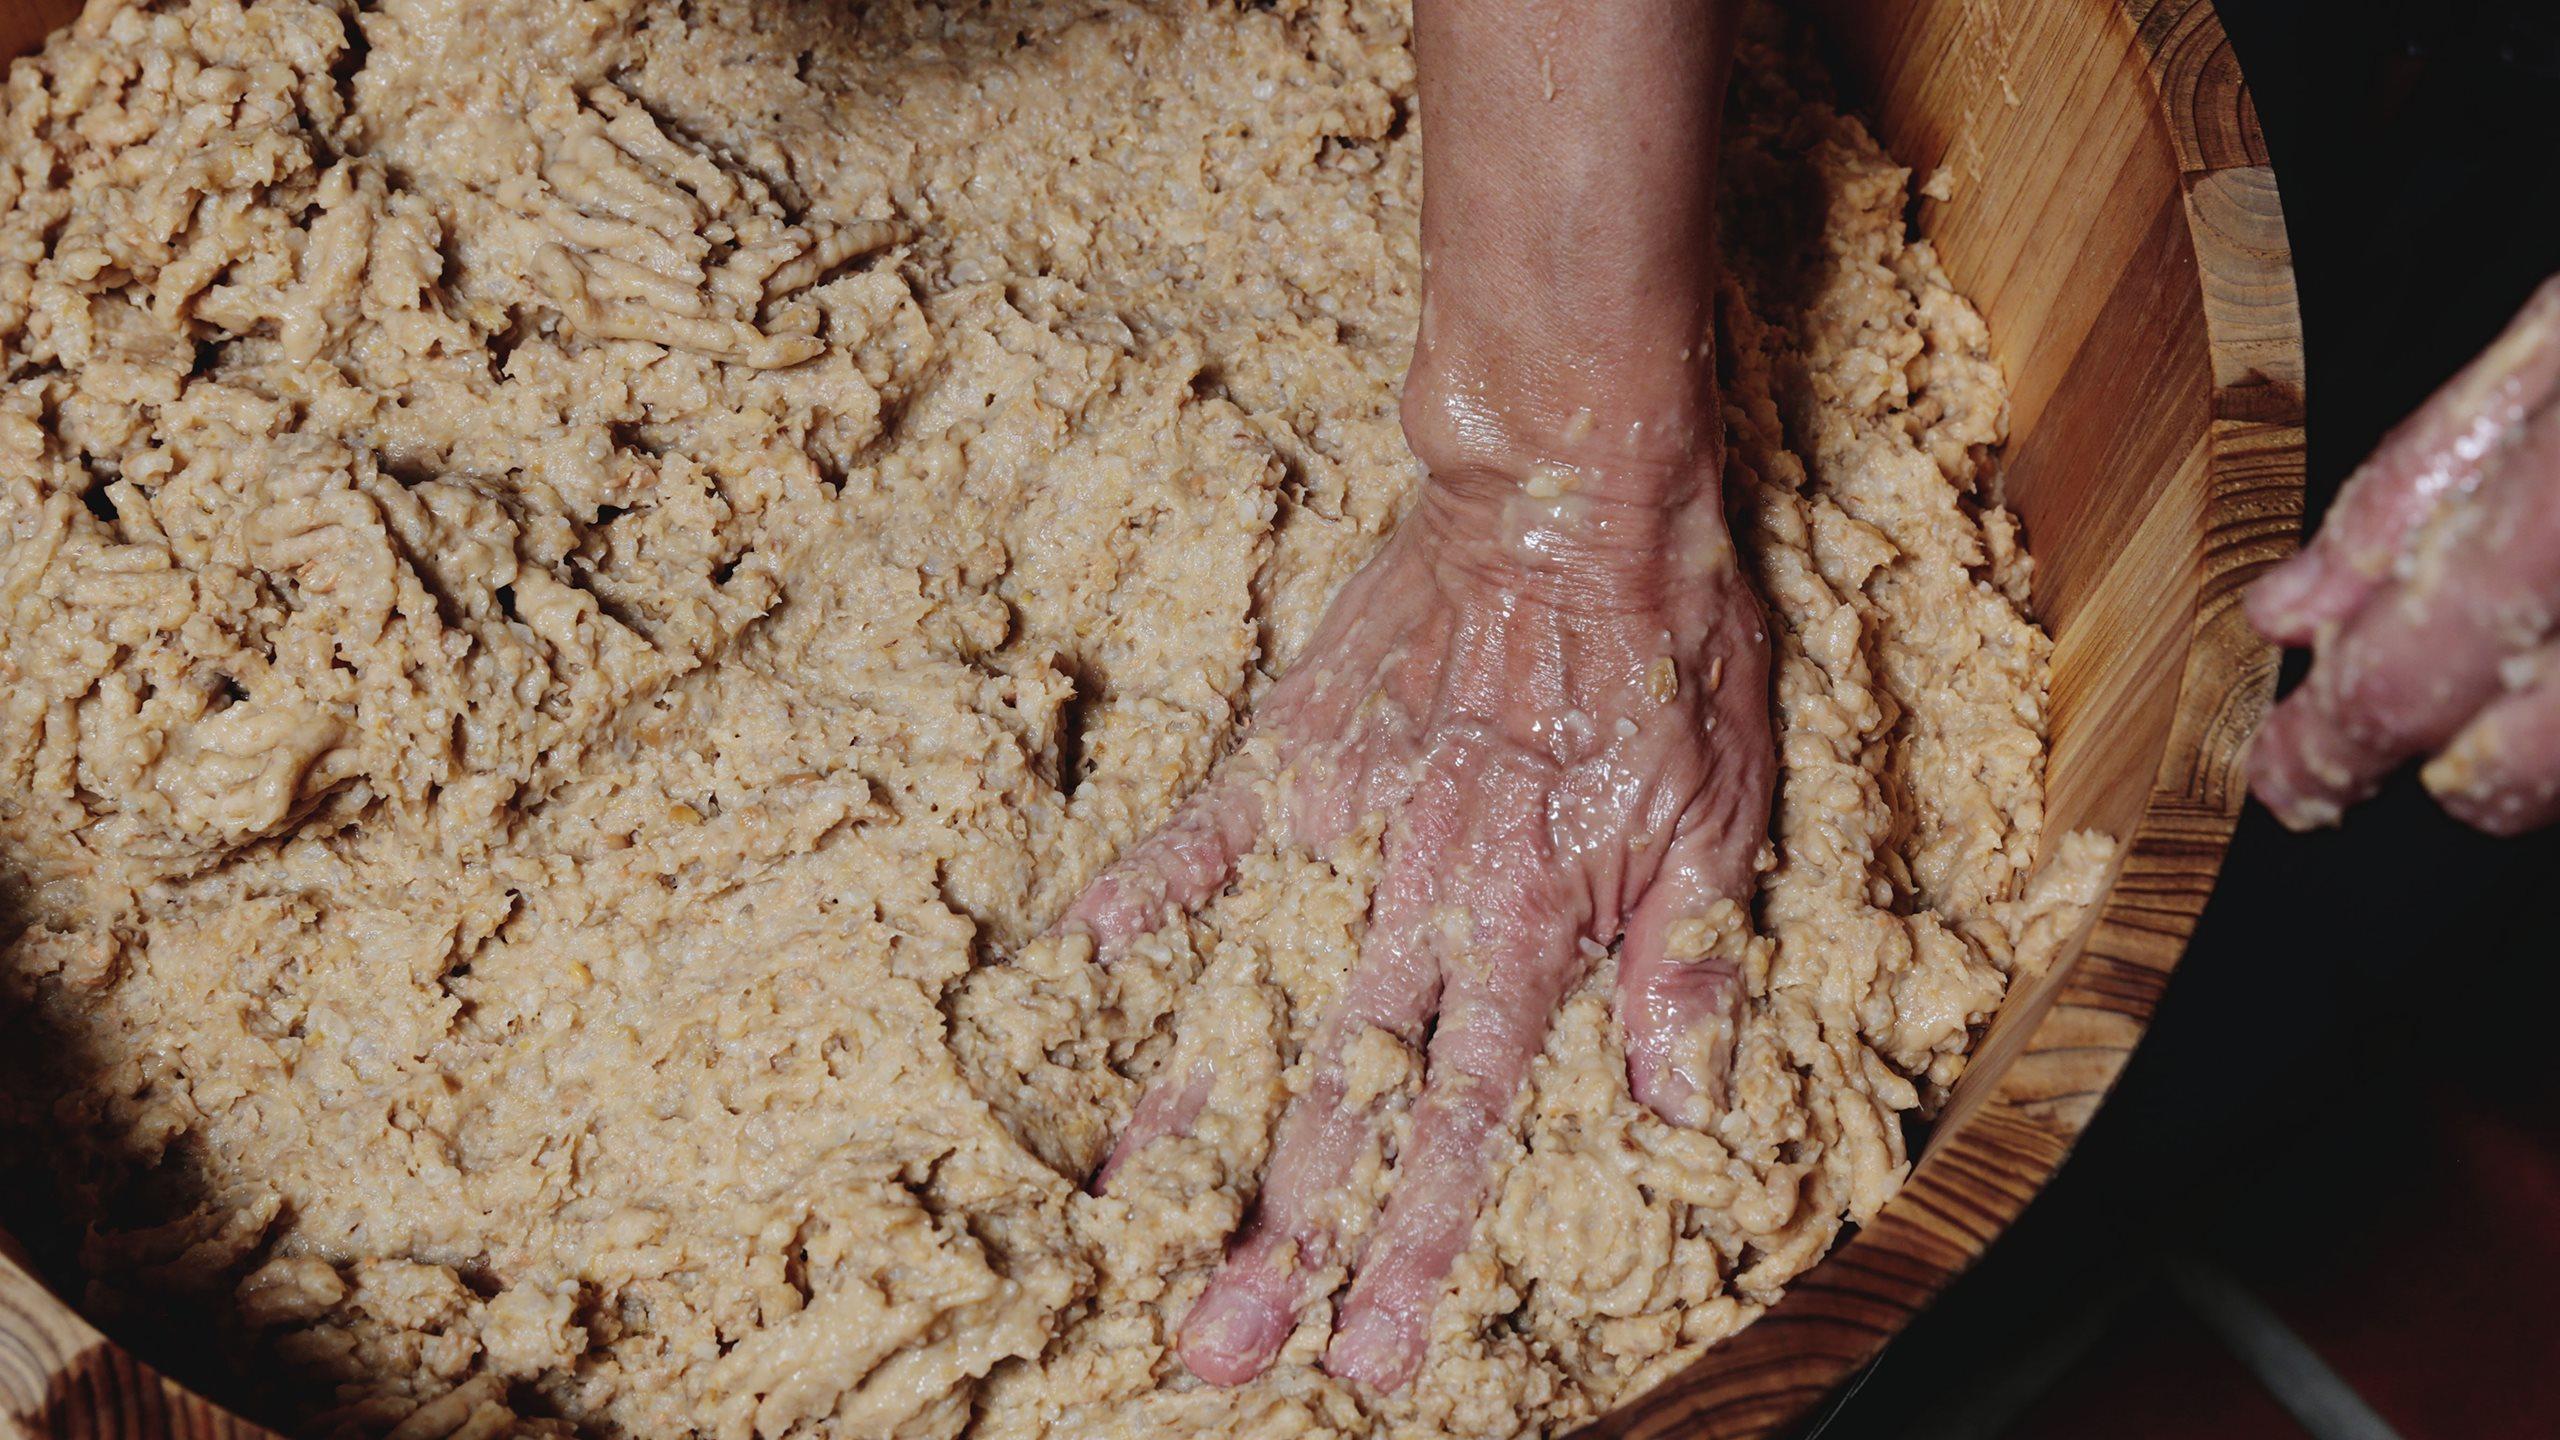 你知道味噌起源和含有哪些營養素嗎?在日本記載中稱為末醬就是現在的味噌!